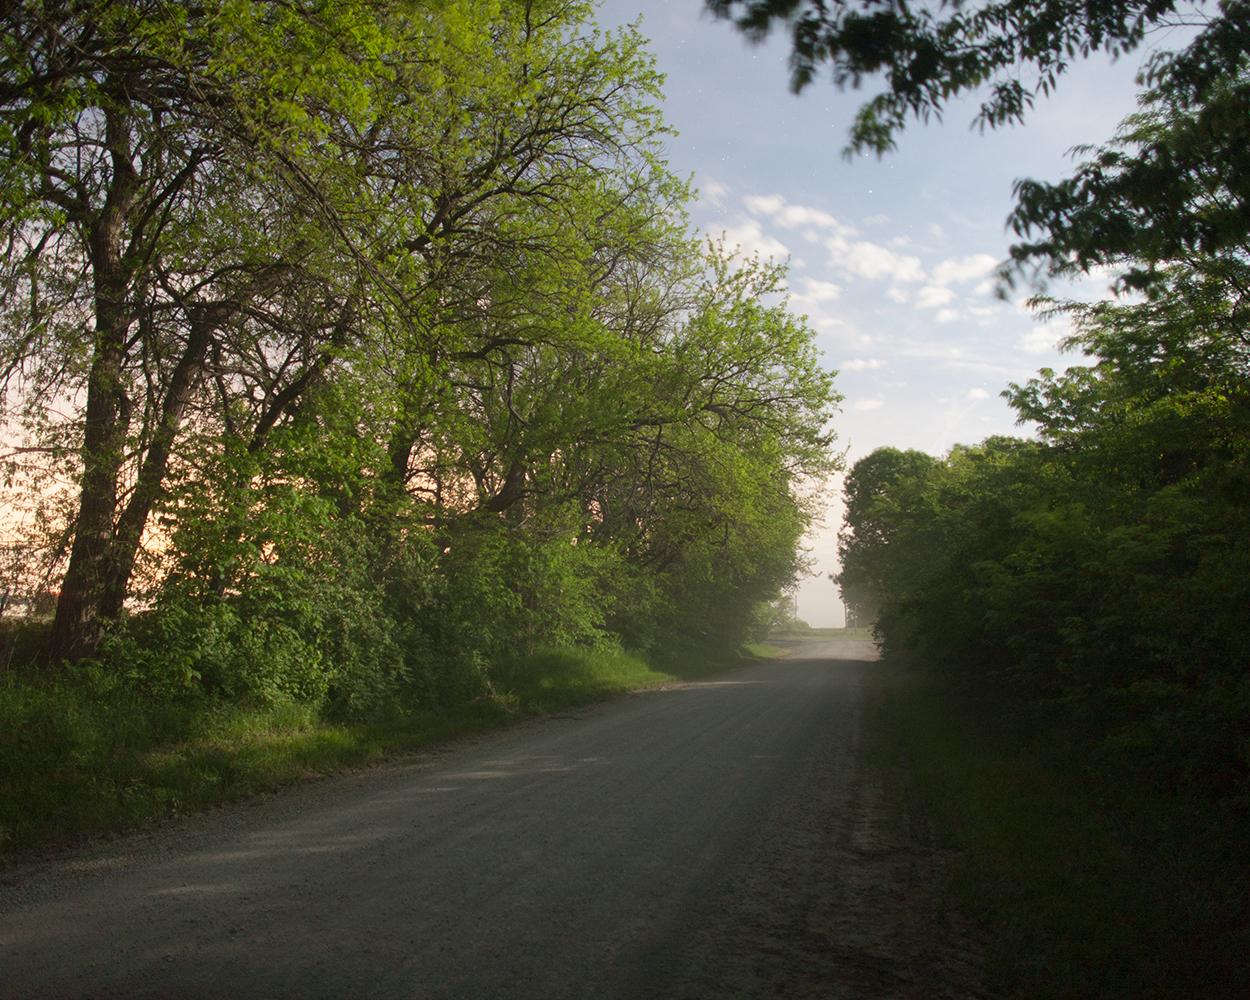 The Family Road, Baldwin City, Kansas, 2011